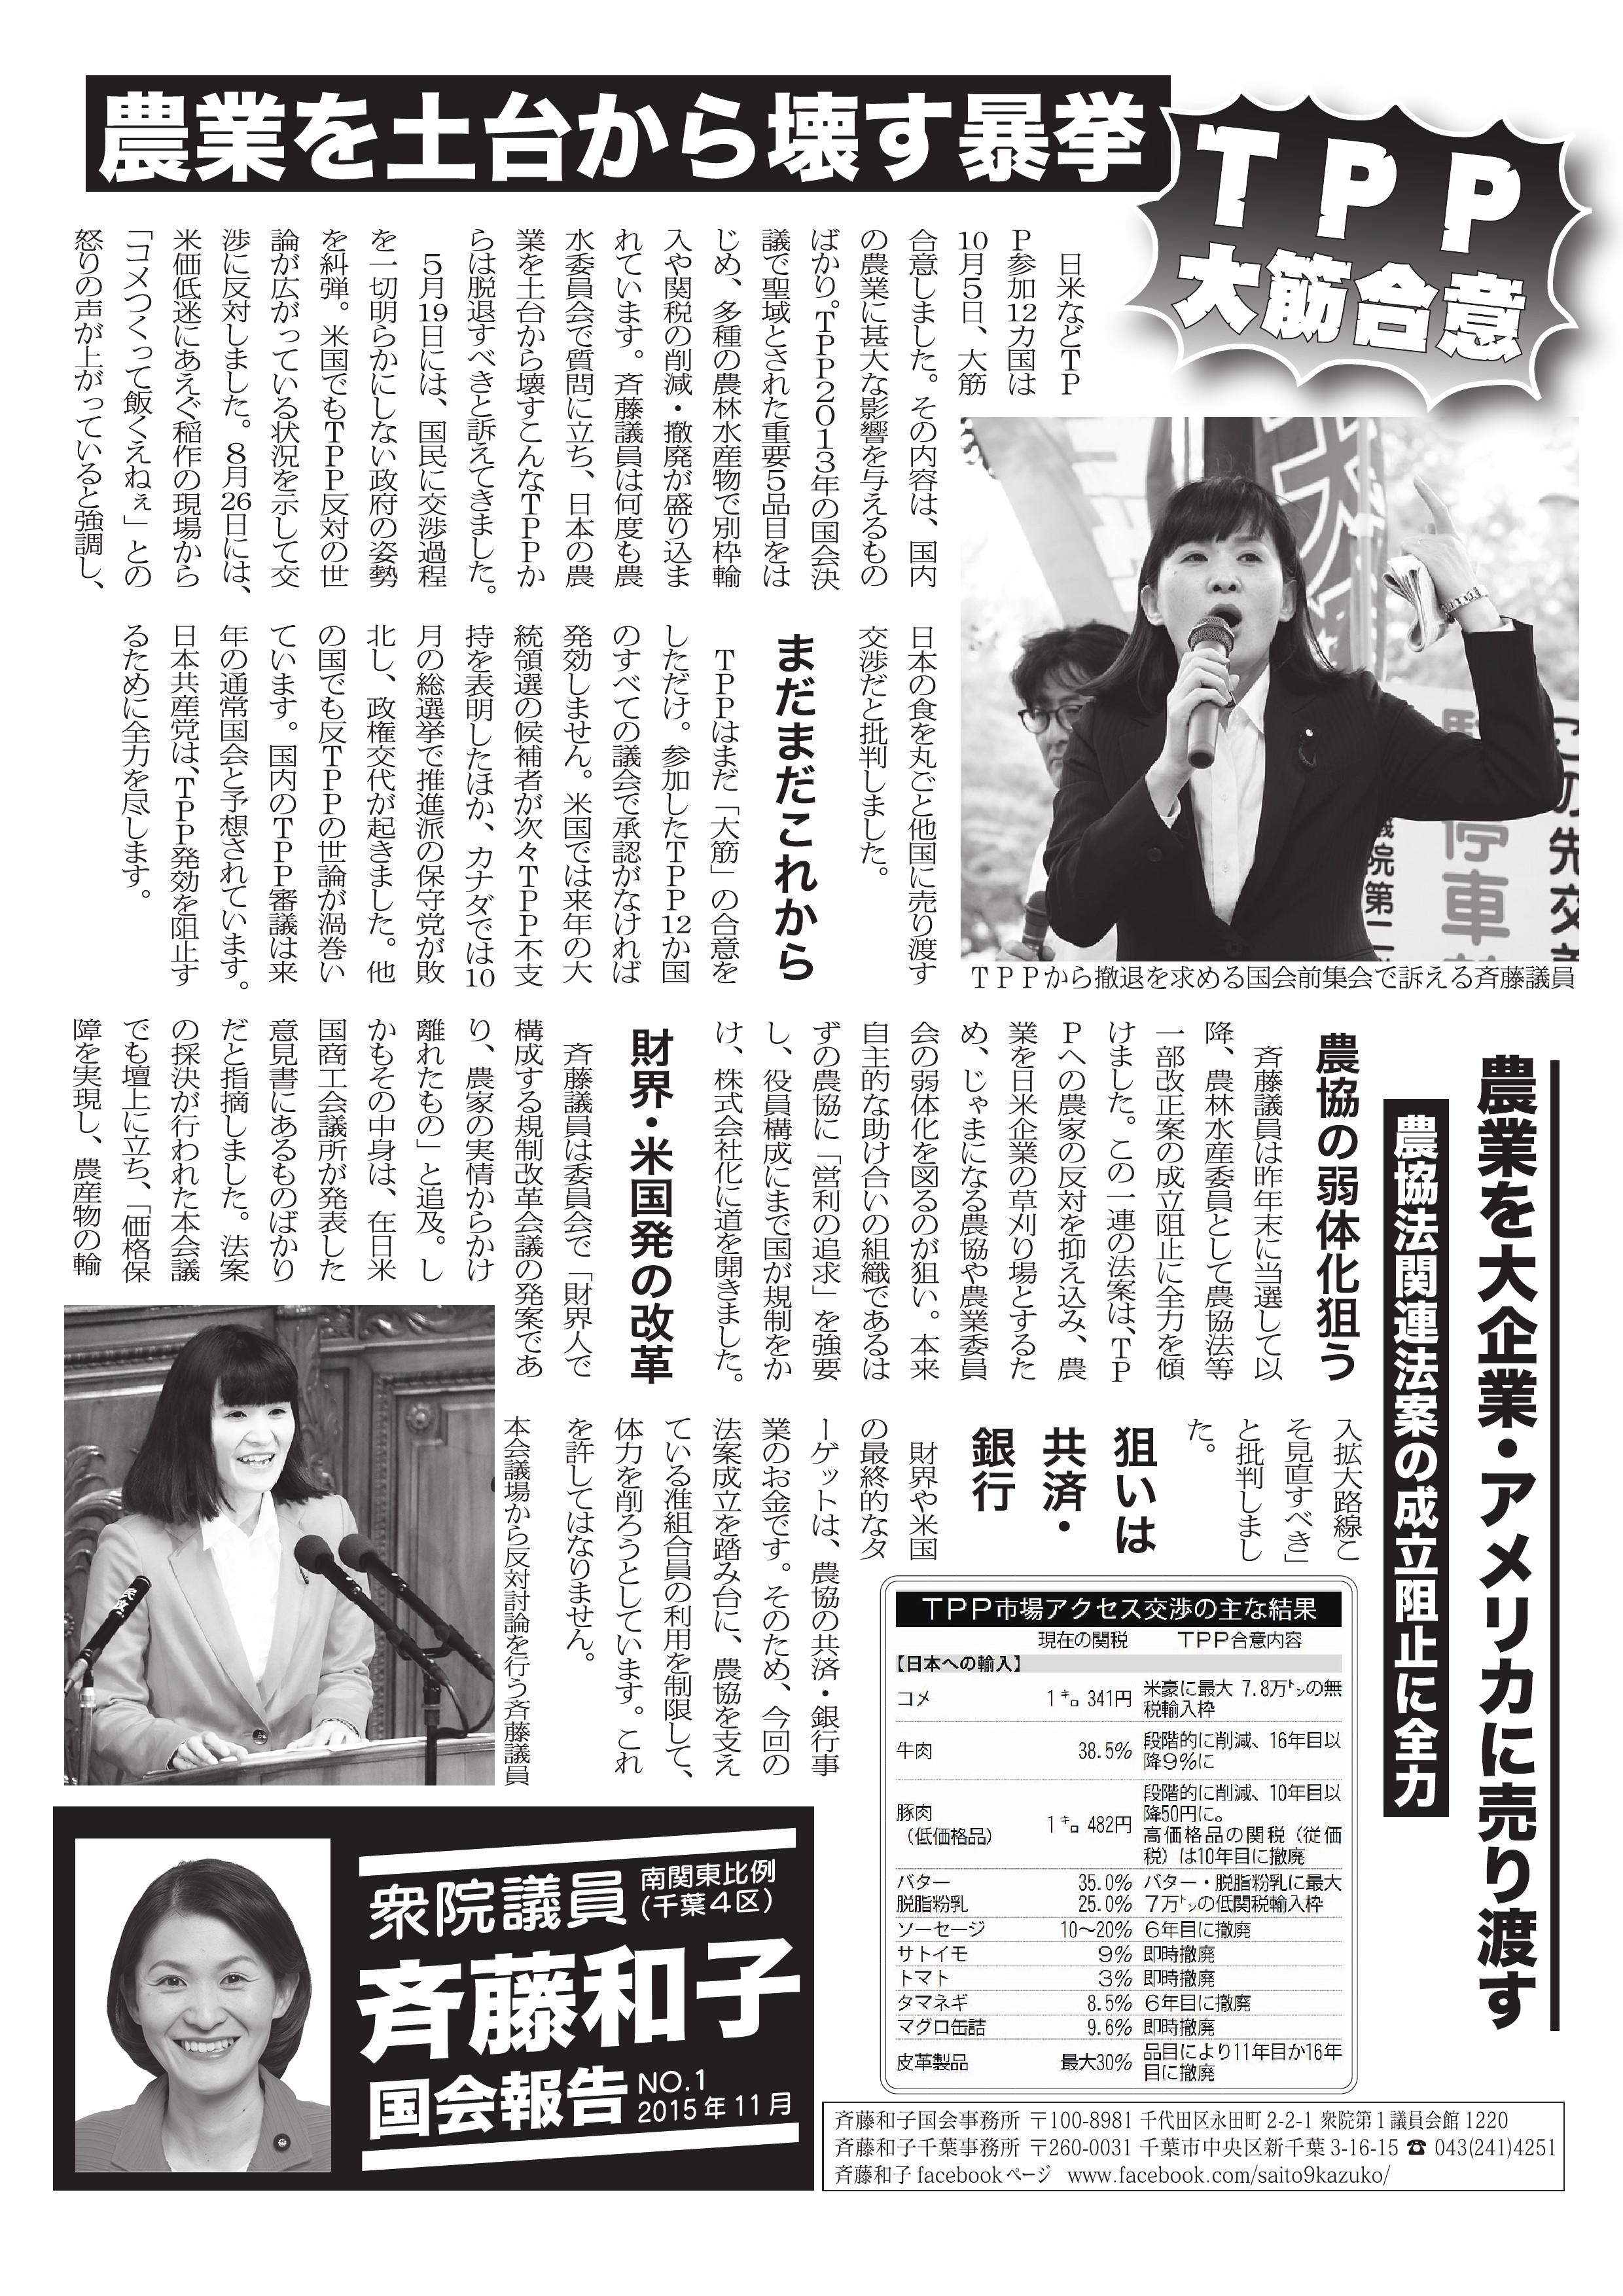 さいとう和子 国会報告 No.1